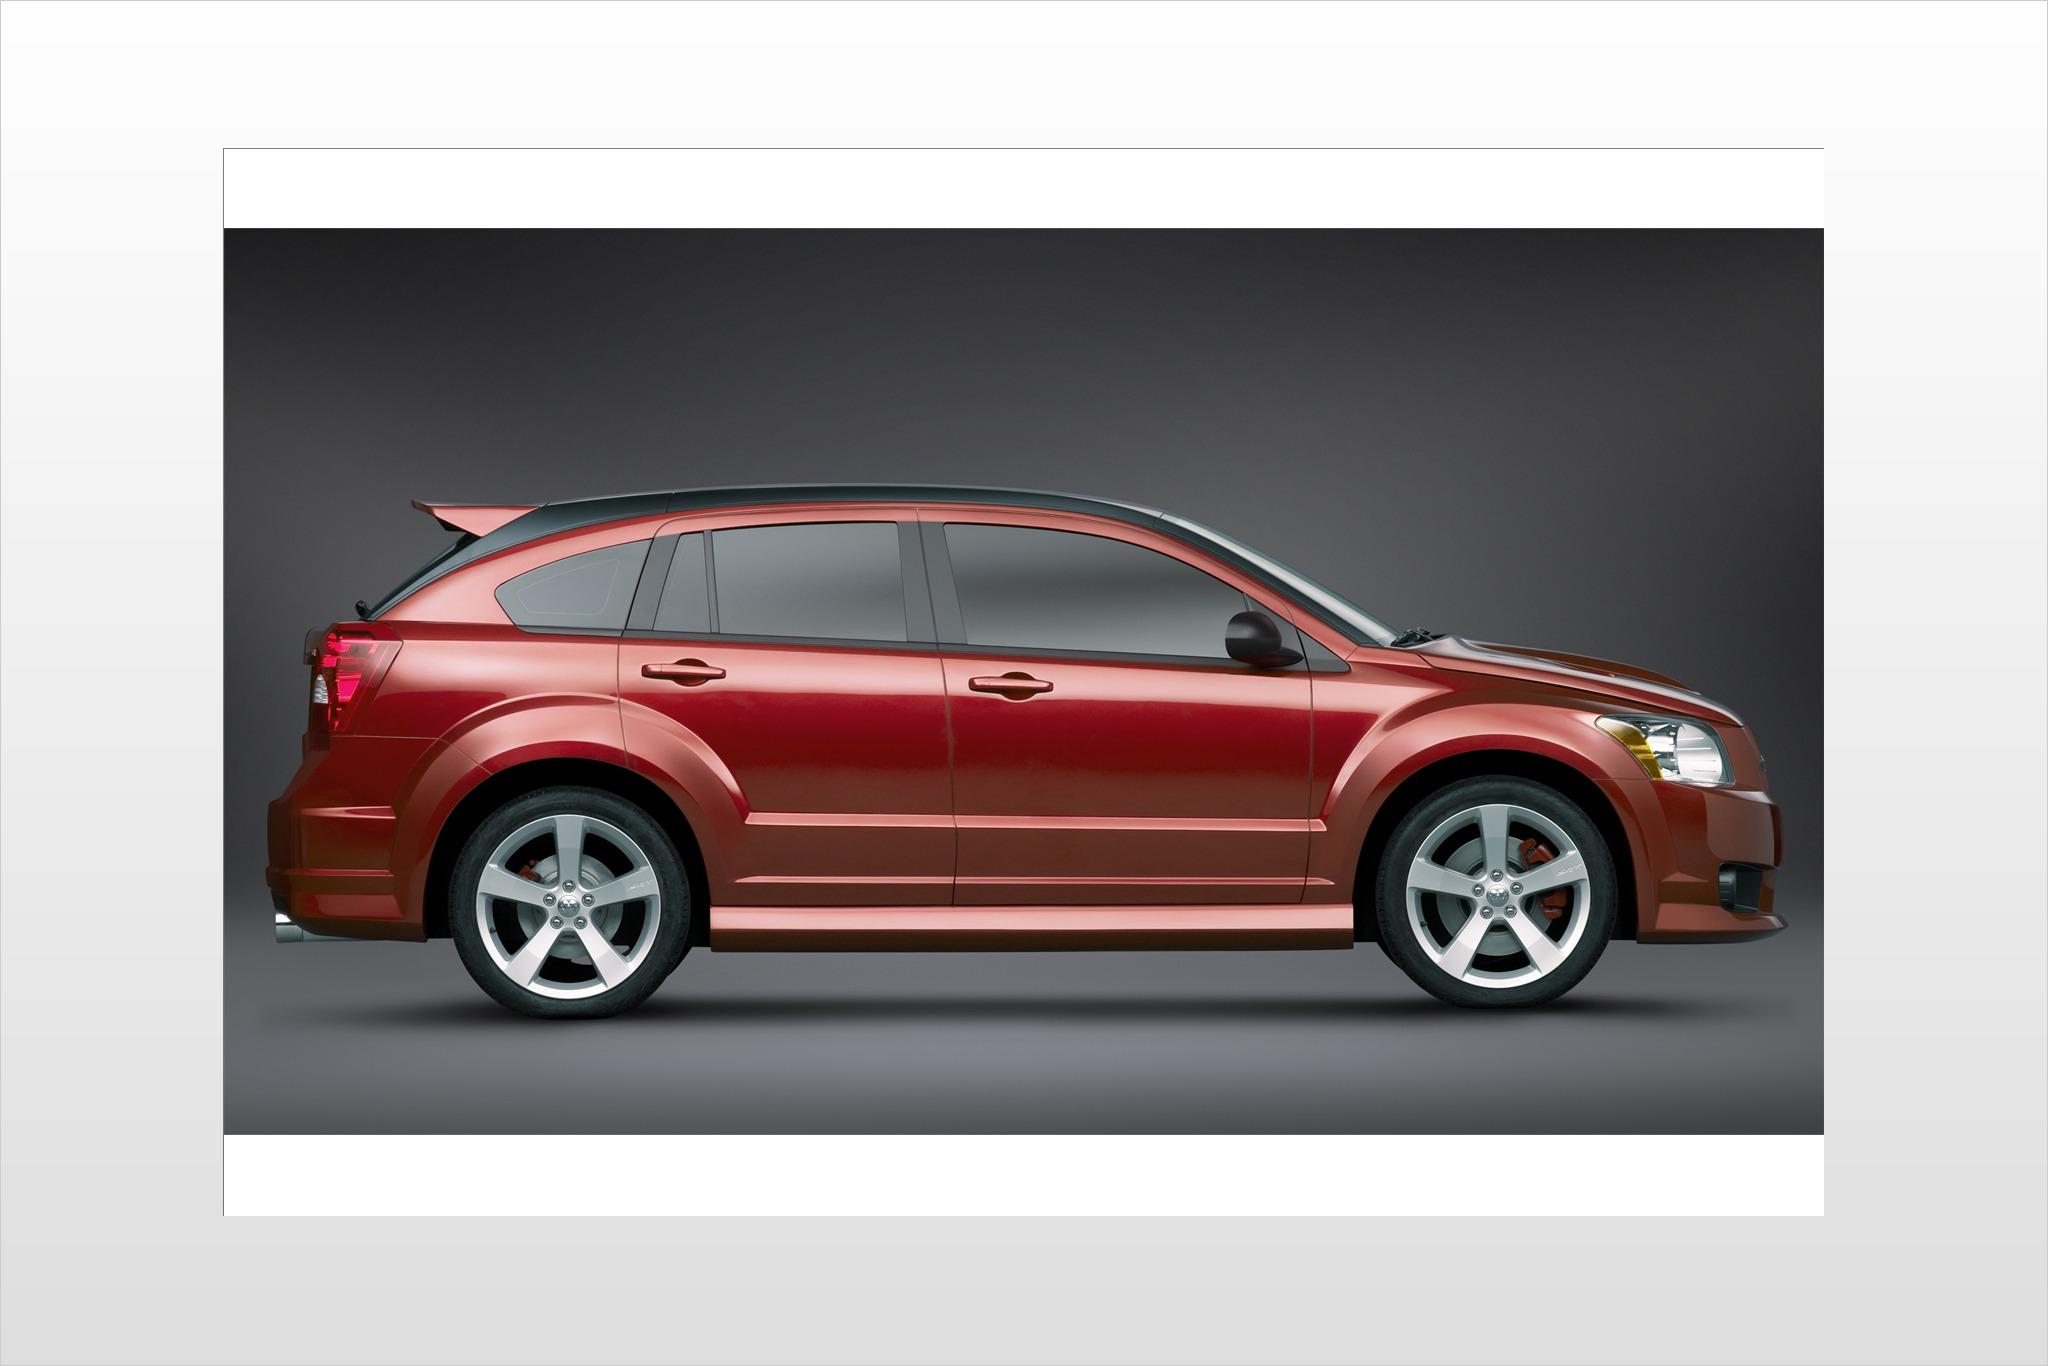 2007 Dodge Caliber Image 6